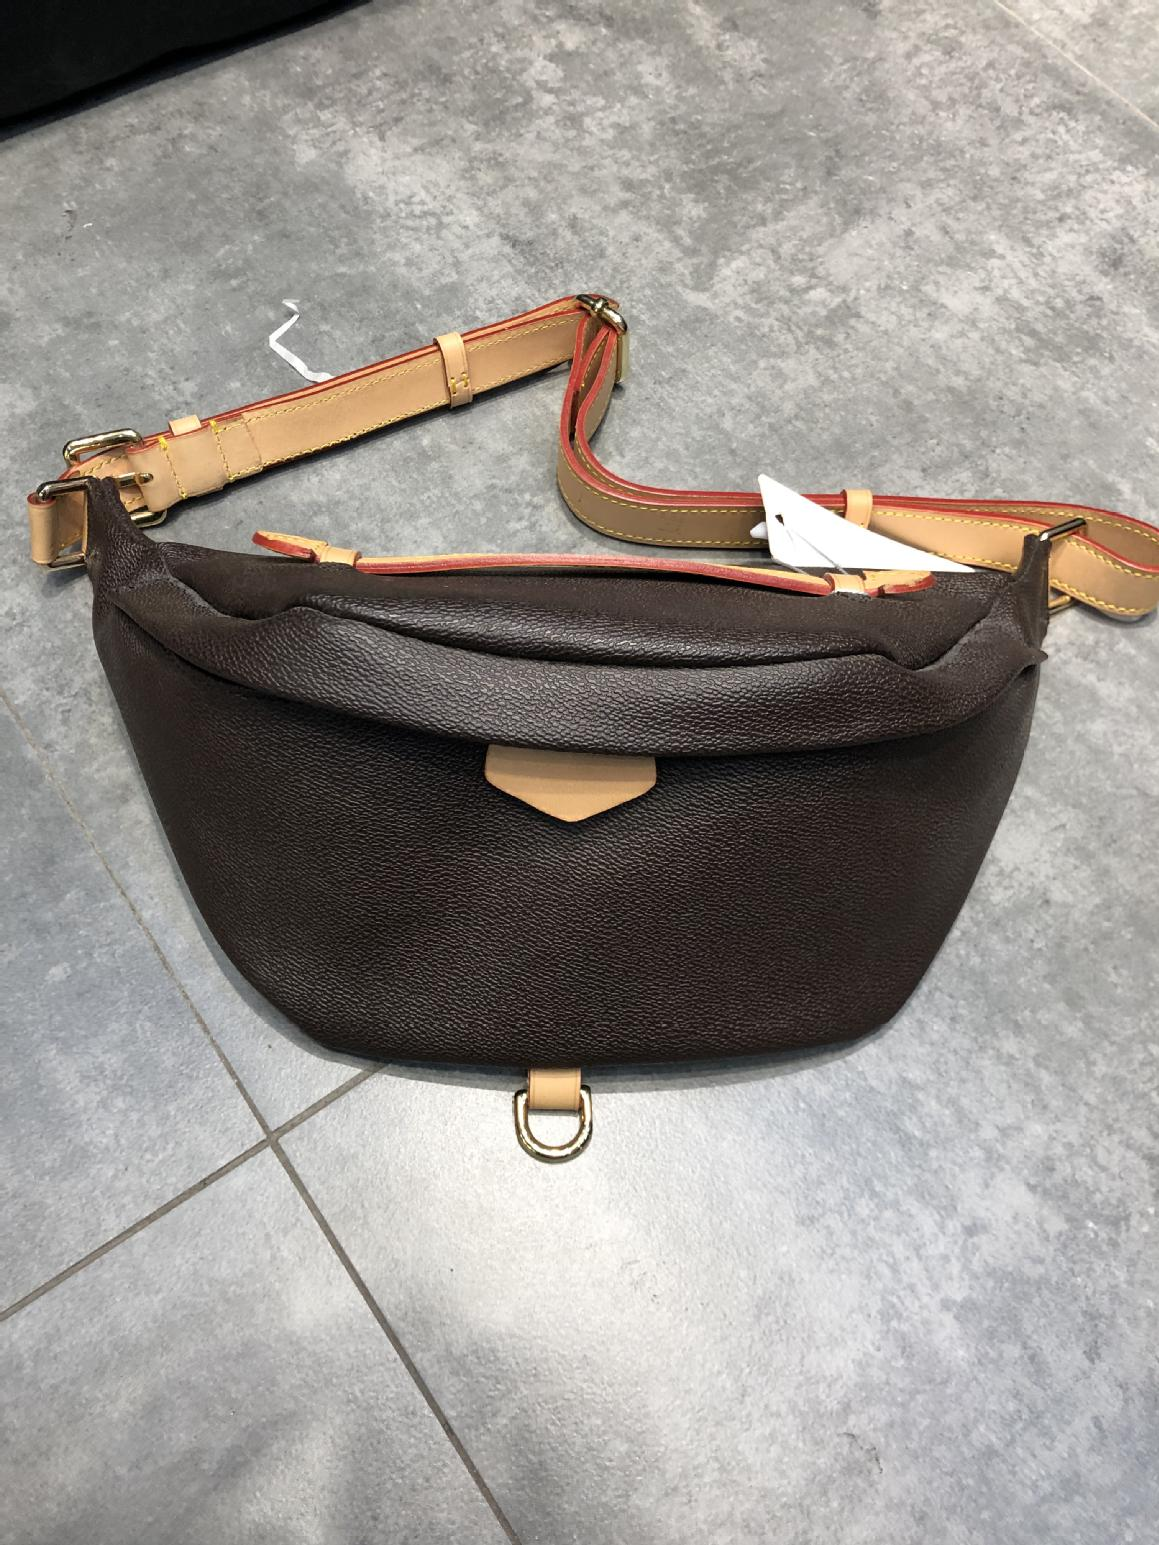 الرجال الجلود الفاخرة الخصر حقيبة حقيبة صدر للرجال اللون تغيير الجلود جودة الأصلي للجنسين مع هدية صندوق حقيبة ساعي